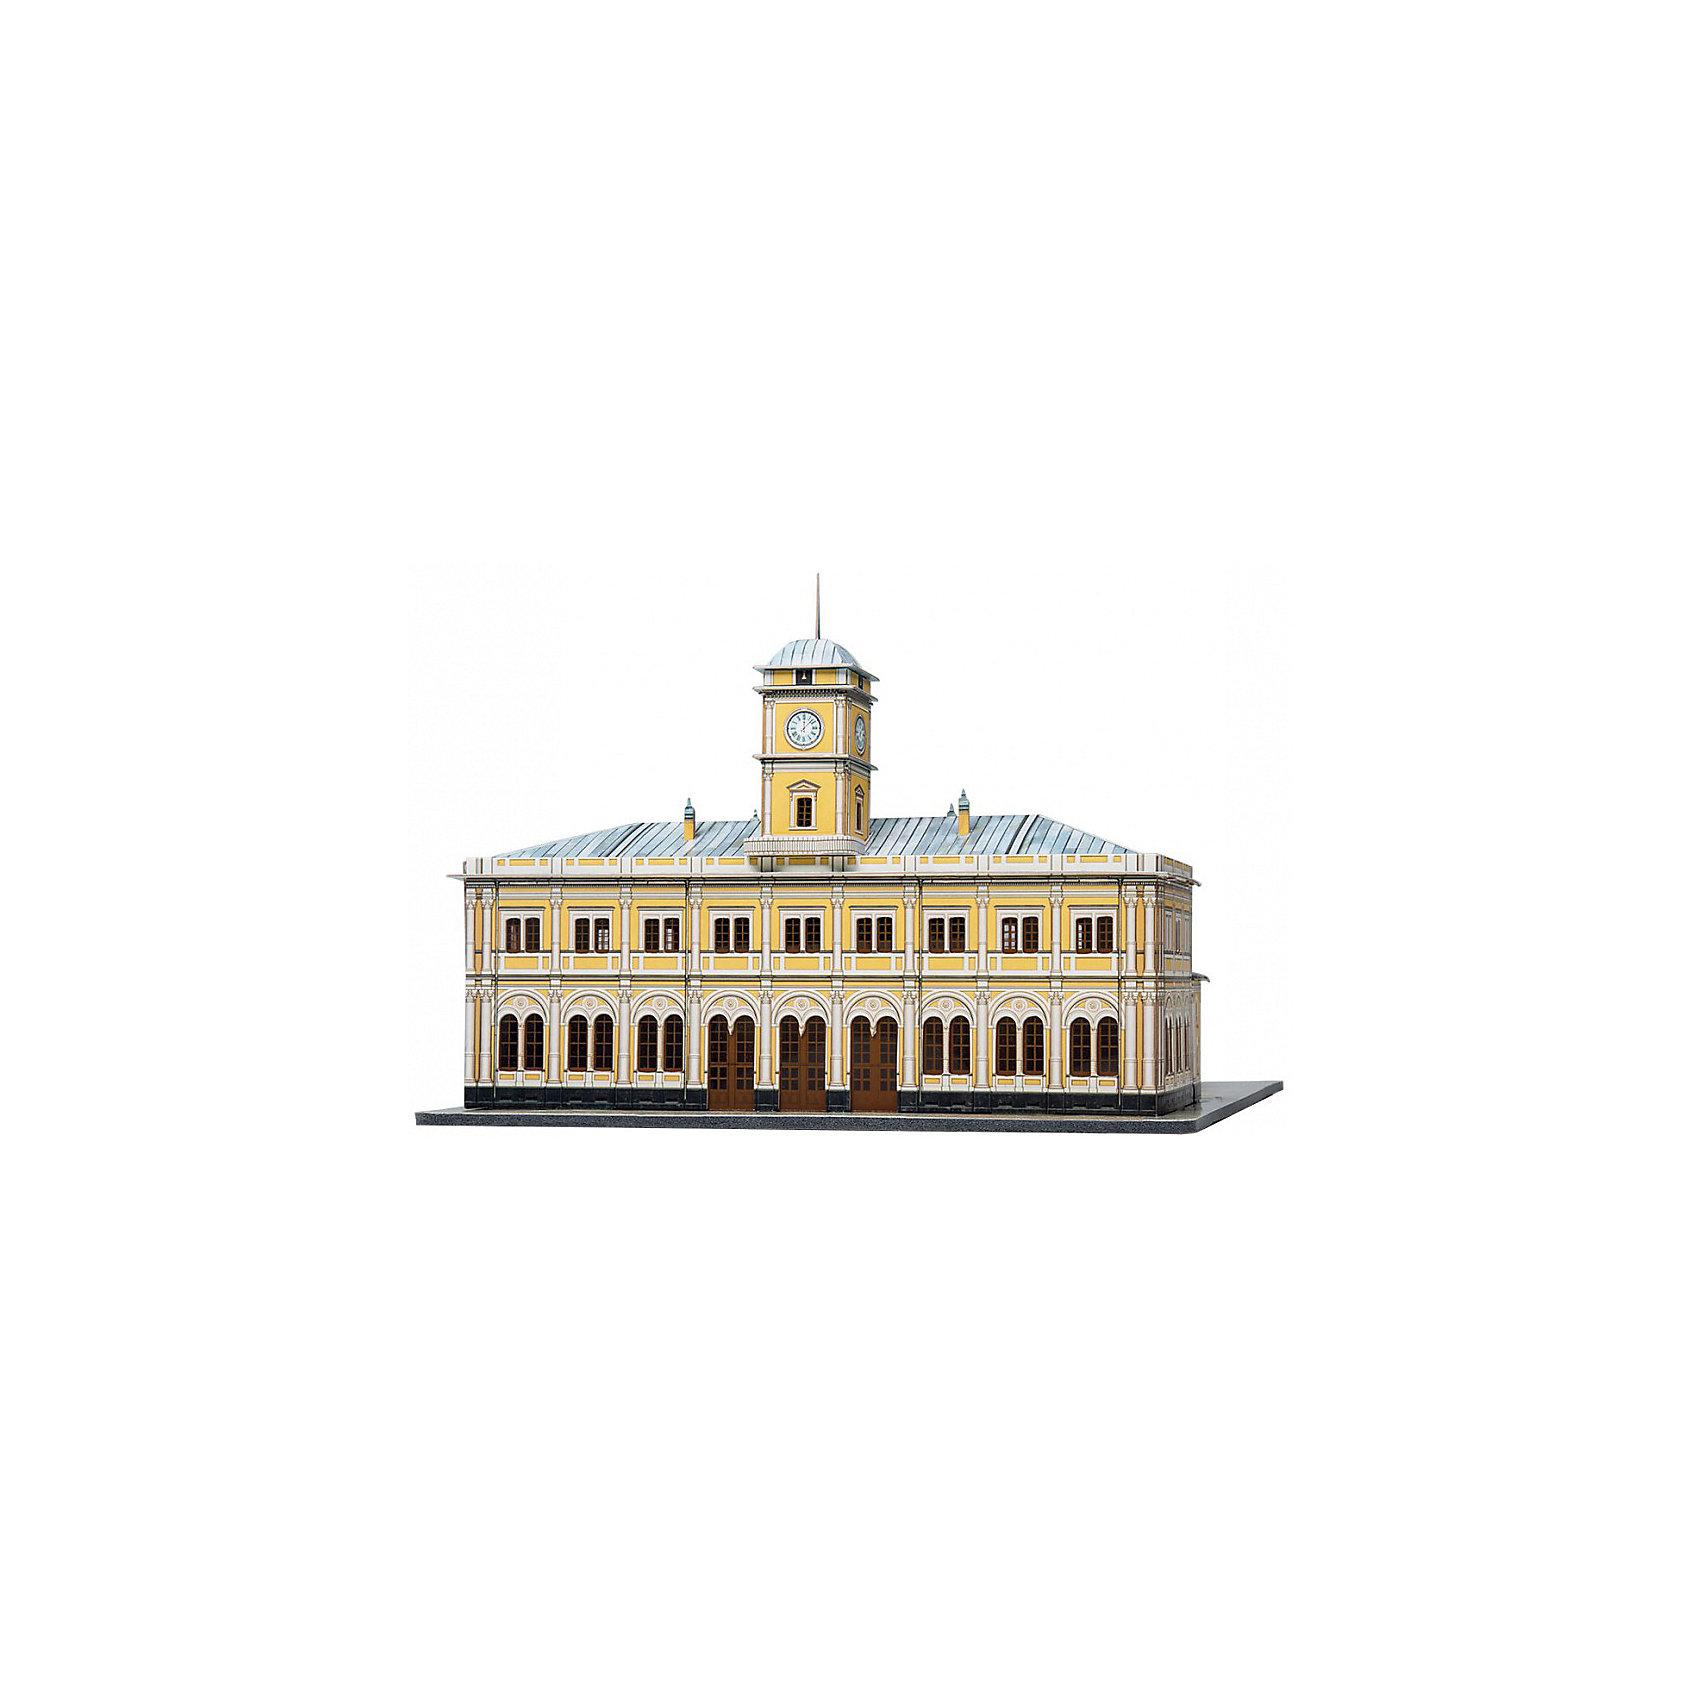 Умная Бумага Сборная модель Николаевский вокзал конструктор железнодорожный вокзал